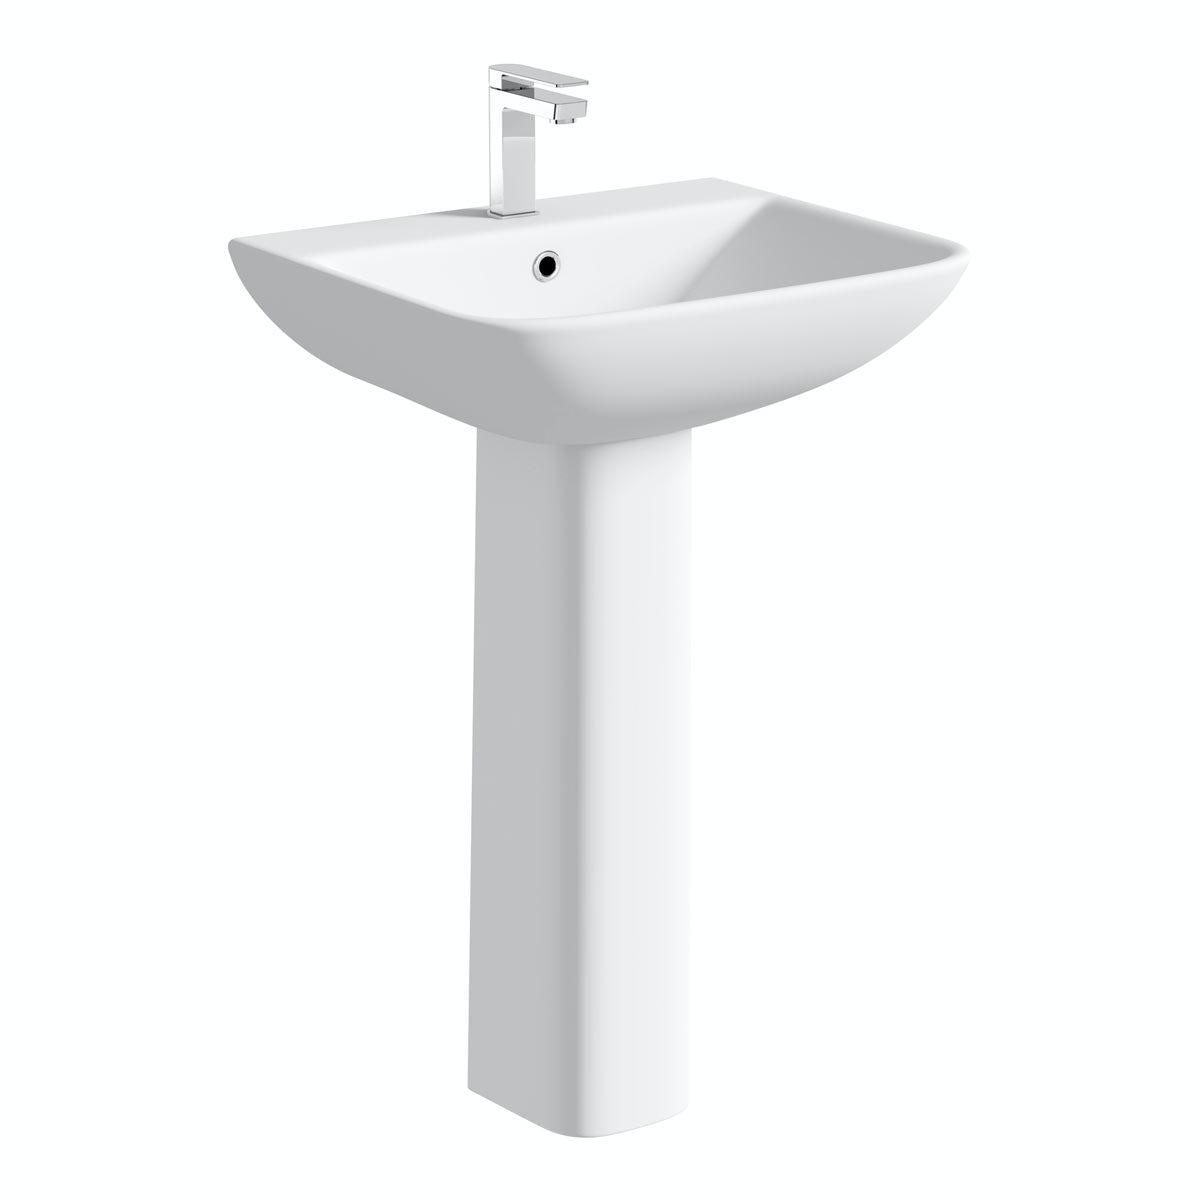 Orchard Derwent square 1 tap hole full pedestal basin 550mm